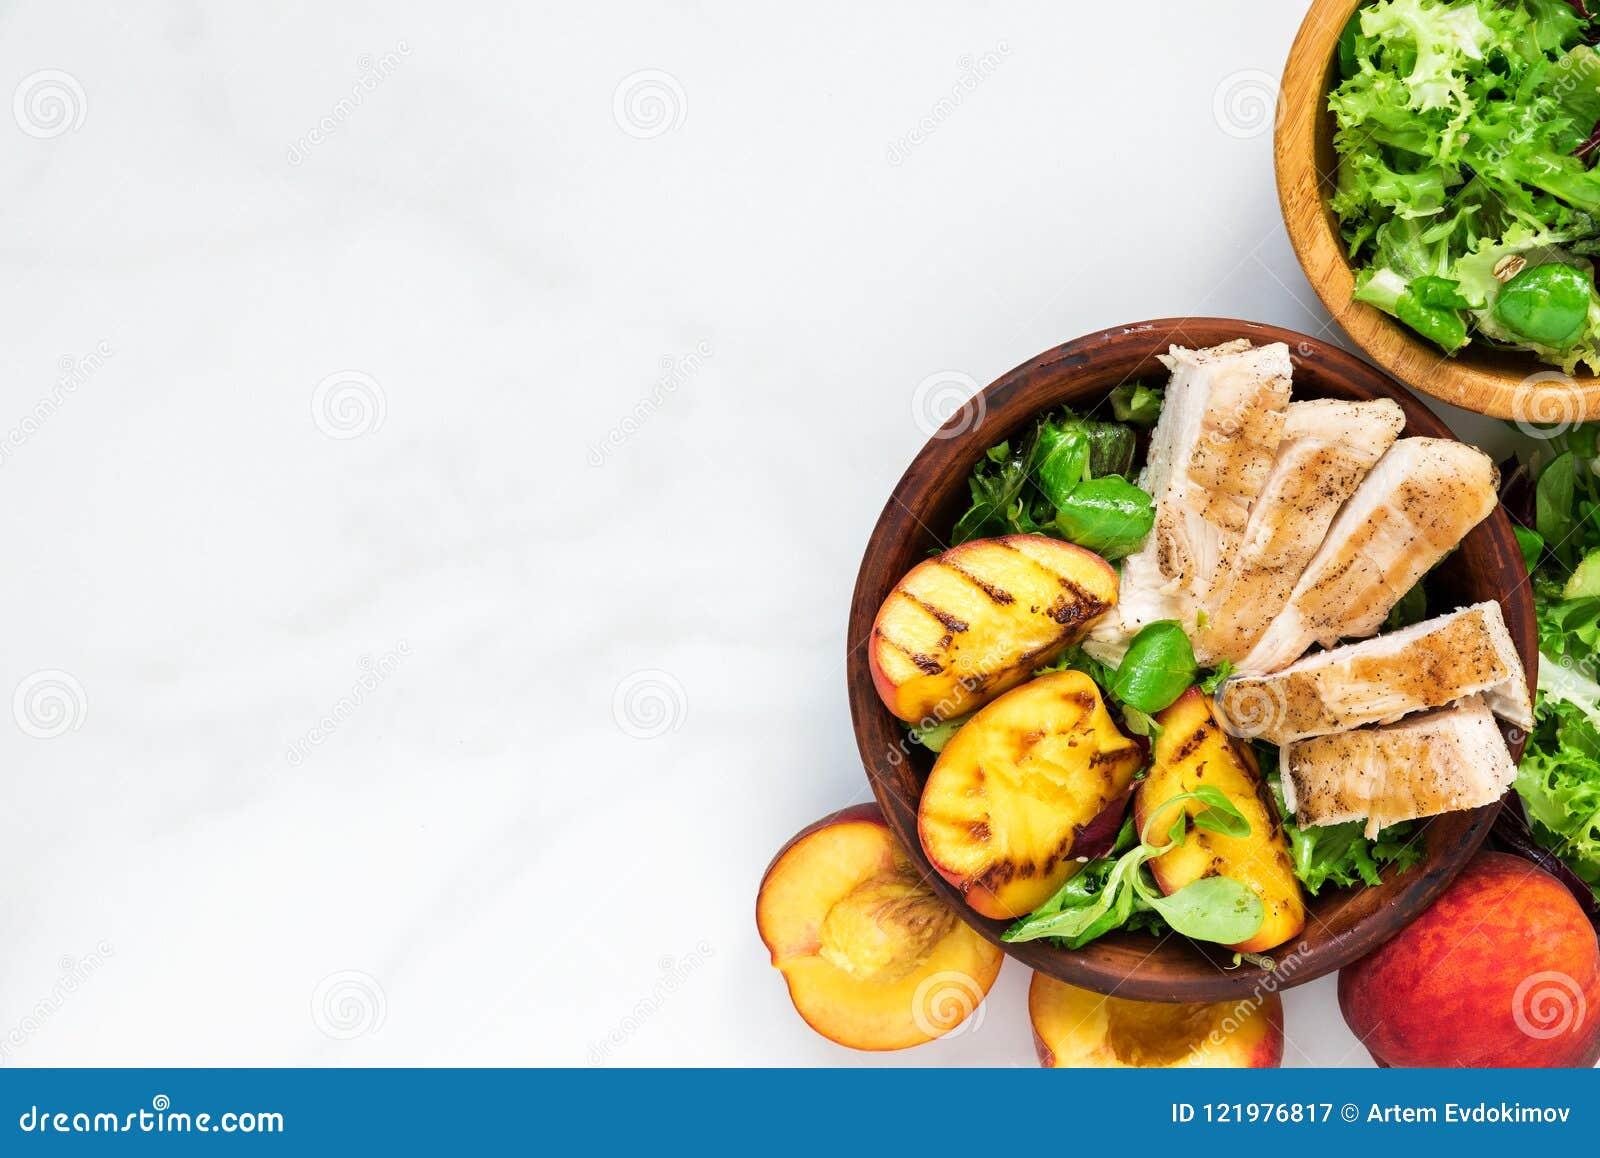 Geflügelsalat mit gegrilltem Pfirsich und Mischsalat in einer Schüssel Gesunde Nahrung Beschneidungspfad eingeschlossen